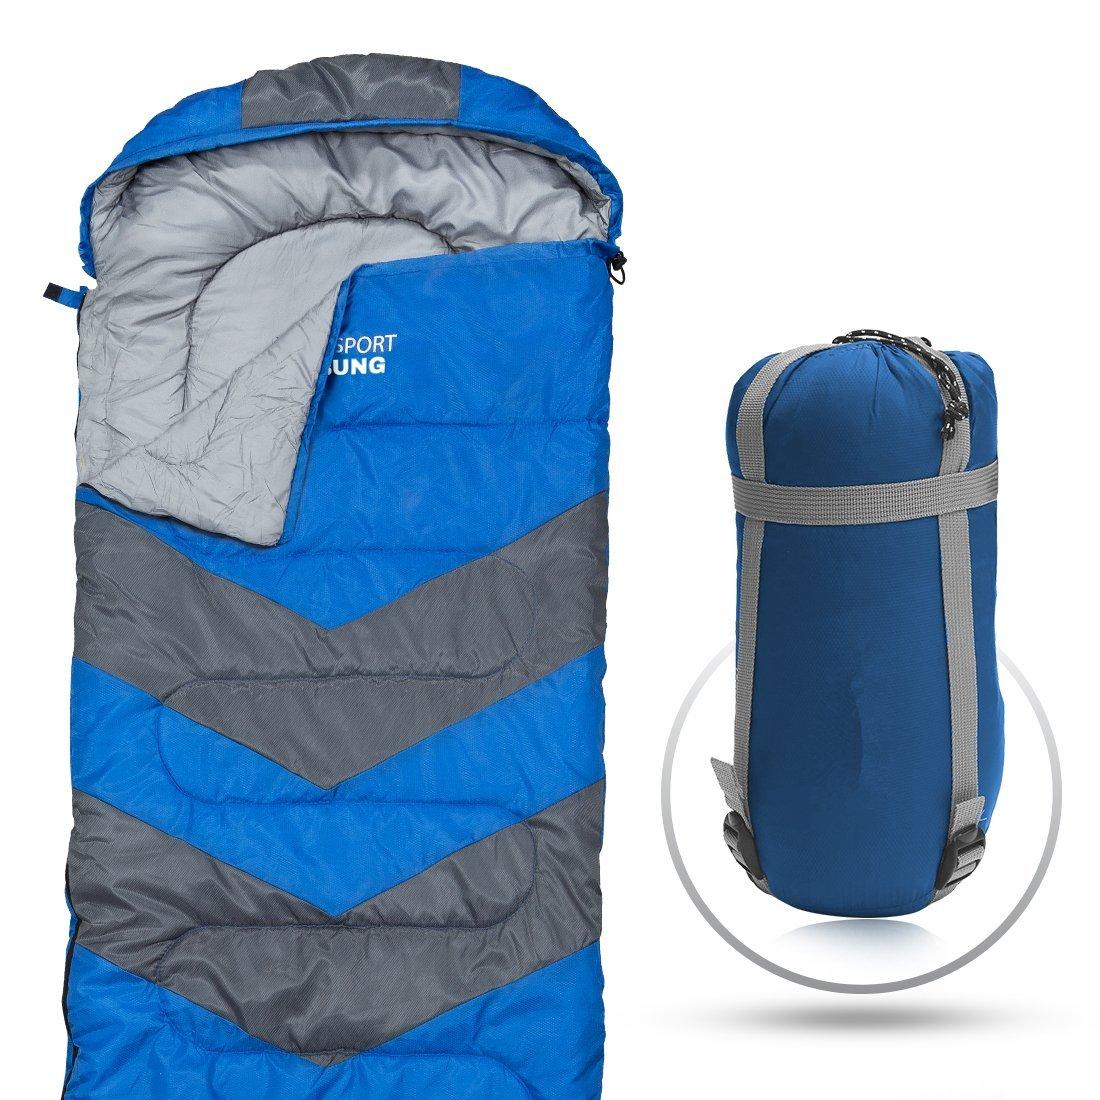 abco tech, backpacking, backpacking sleeping bag, camping